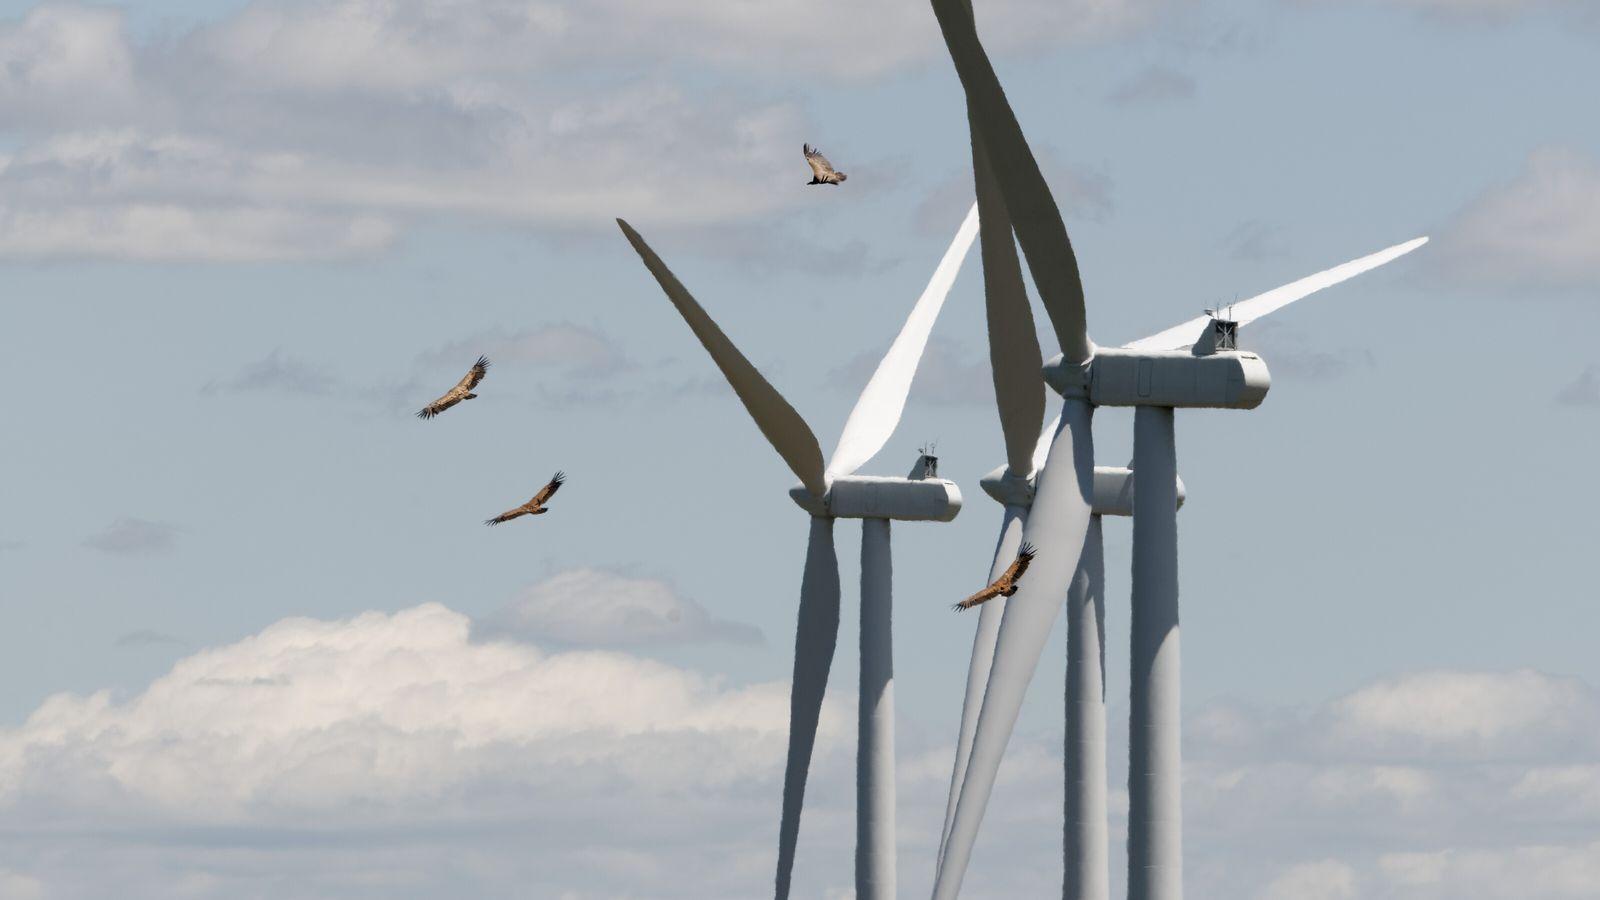 Vautours fauves Gyps fulvus volant à proximité des éoliennes.